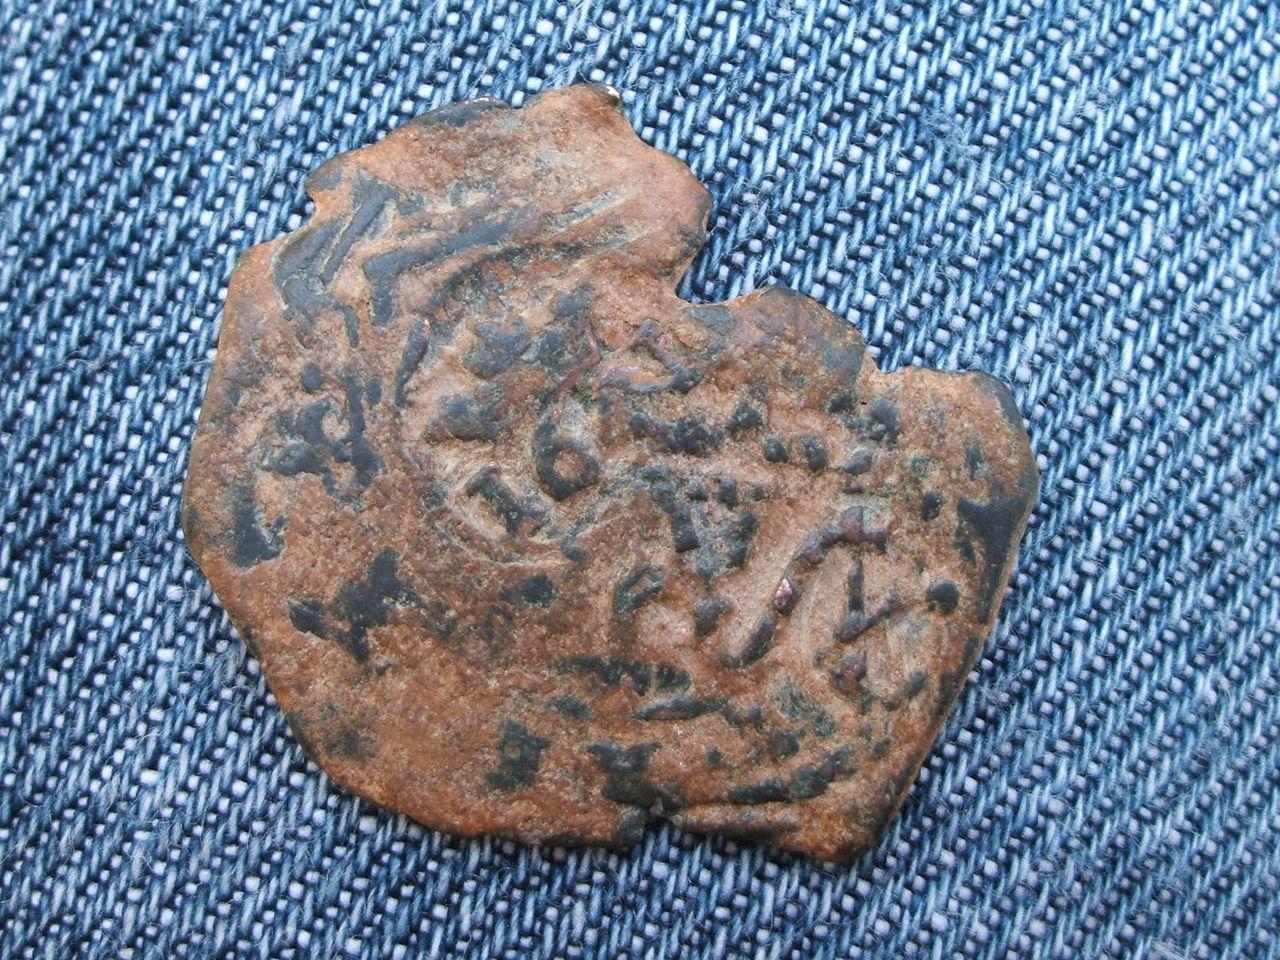 VIII Maravedis de Felipe III o IV resellados a VIII de 1641 en ¿Burgos? y con el anagrama de 1658/9. 022